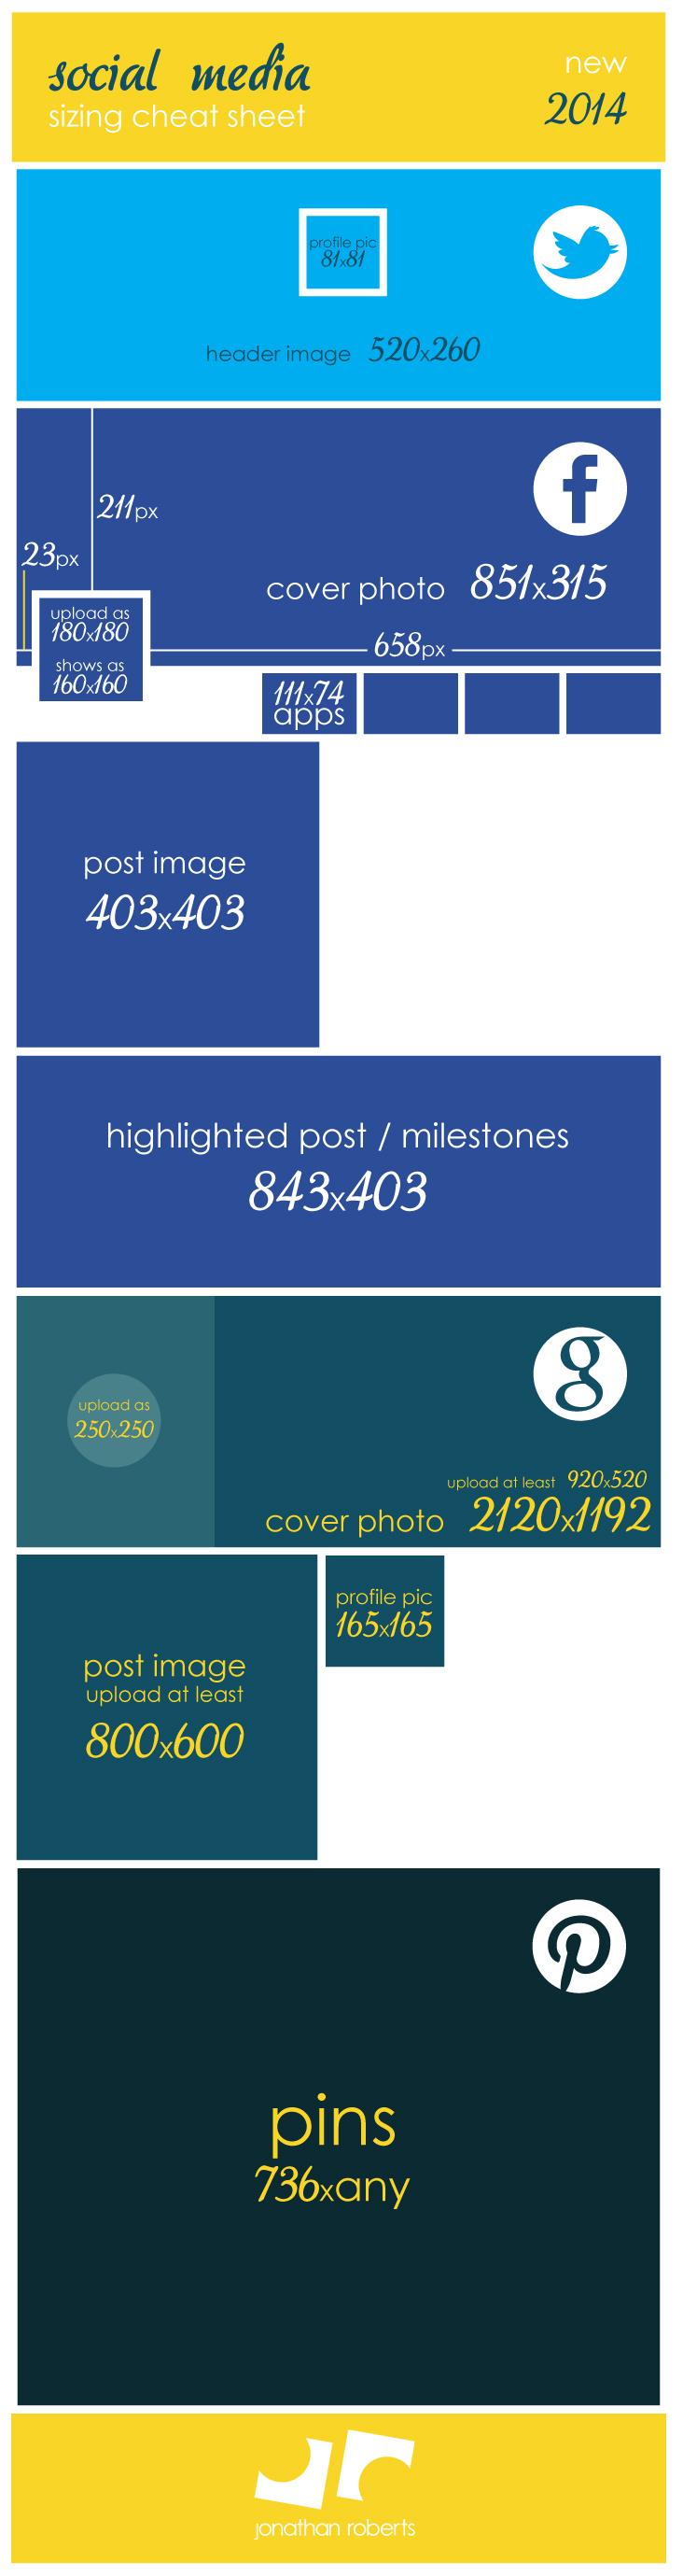 social-media-cheat-sheet-2014